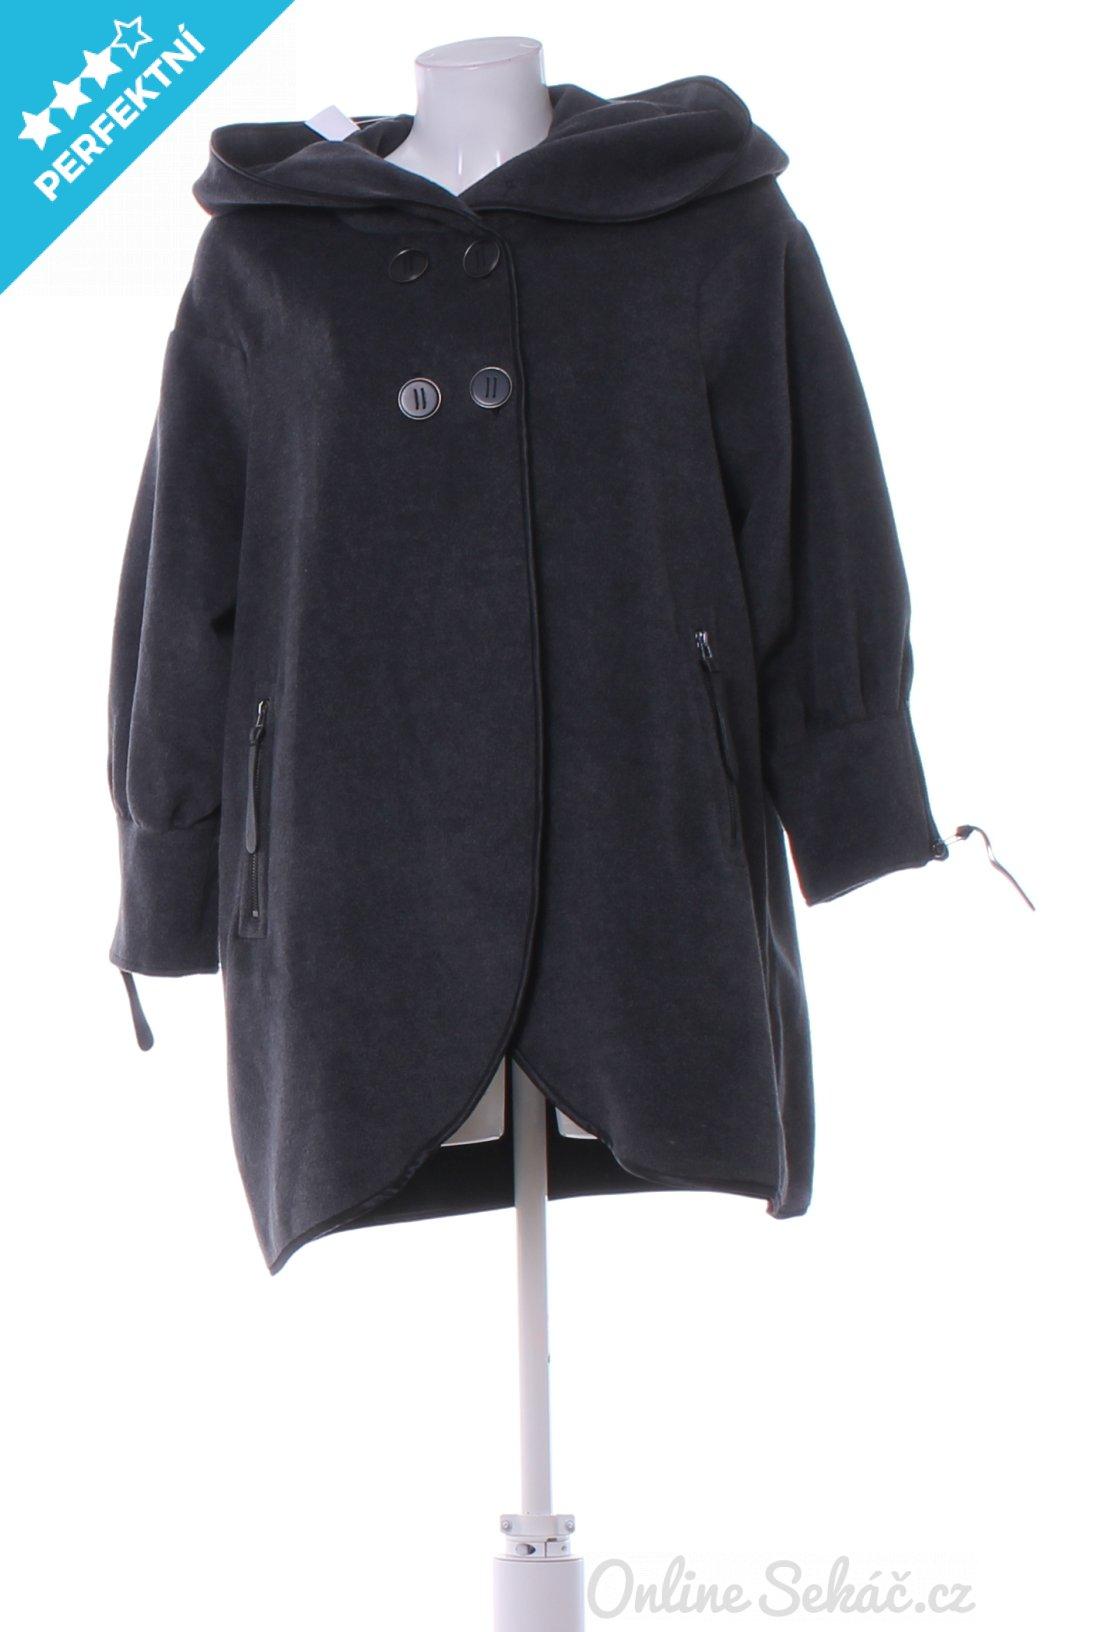 c40903b80e Second hand - Materiál  VISKOZA   Dámský jarní či podzimní kabát ...